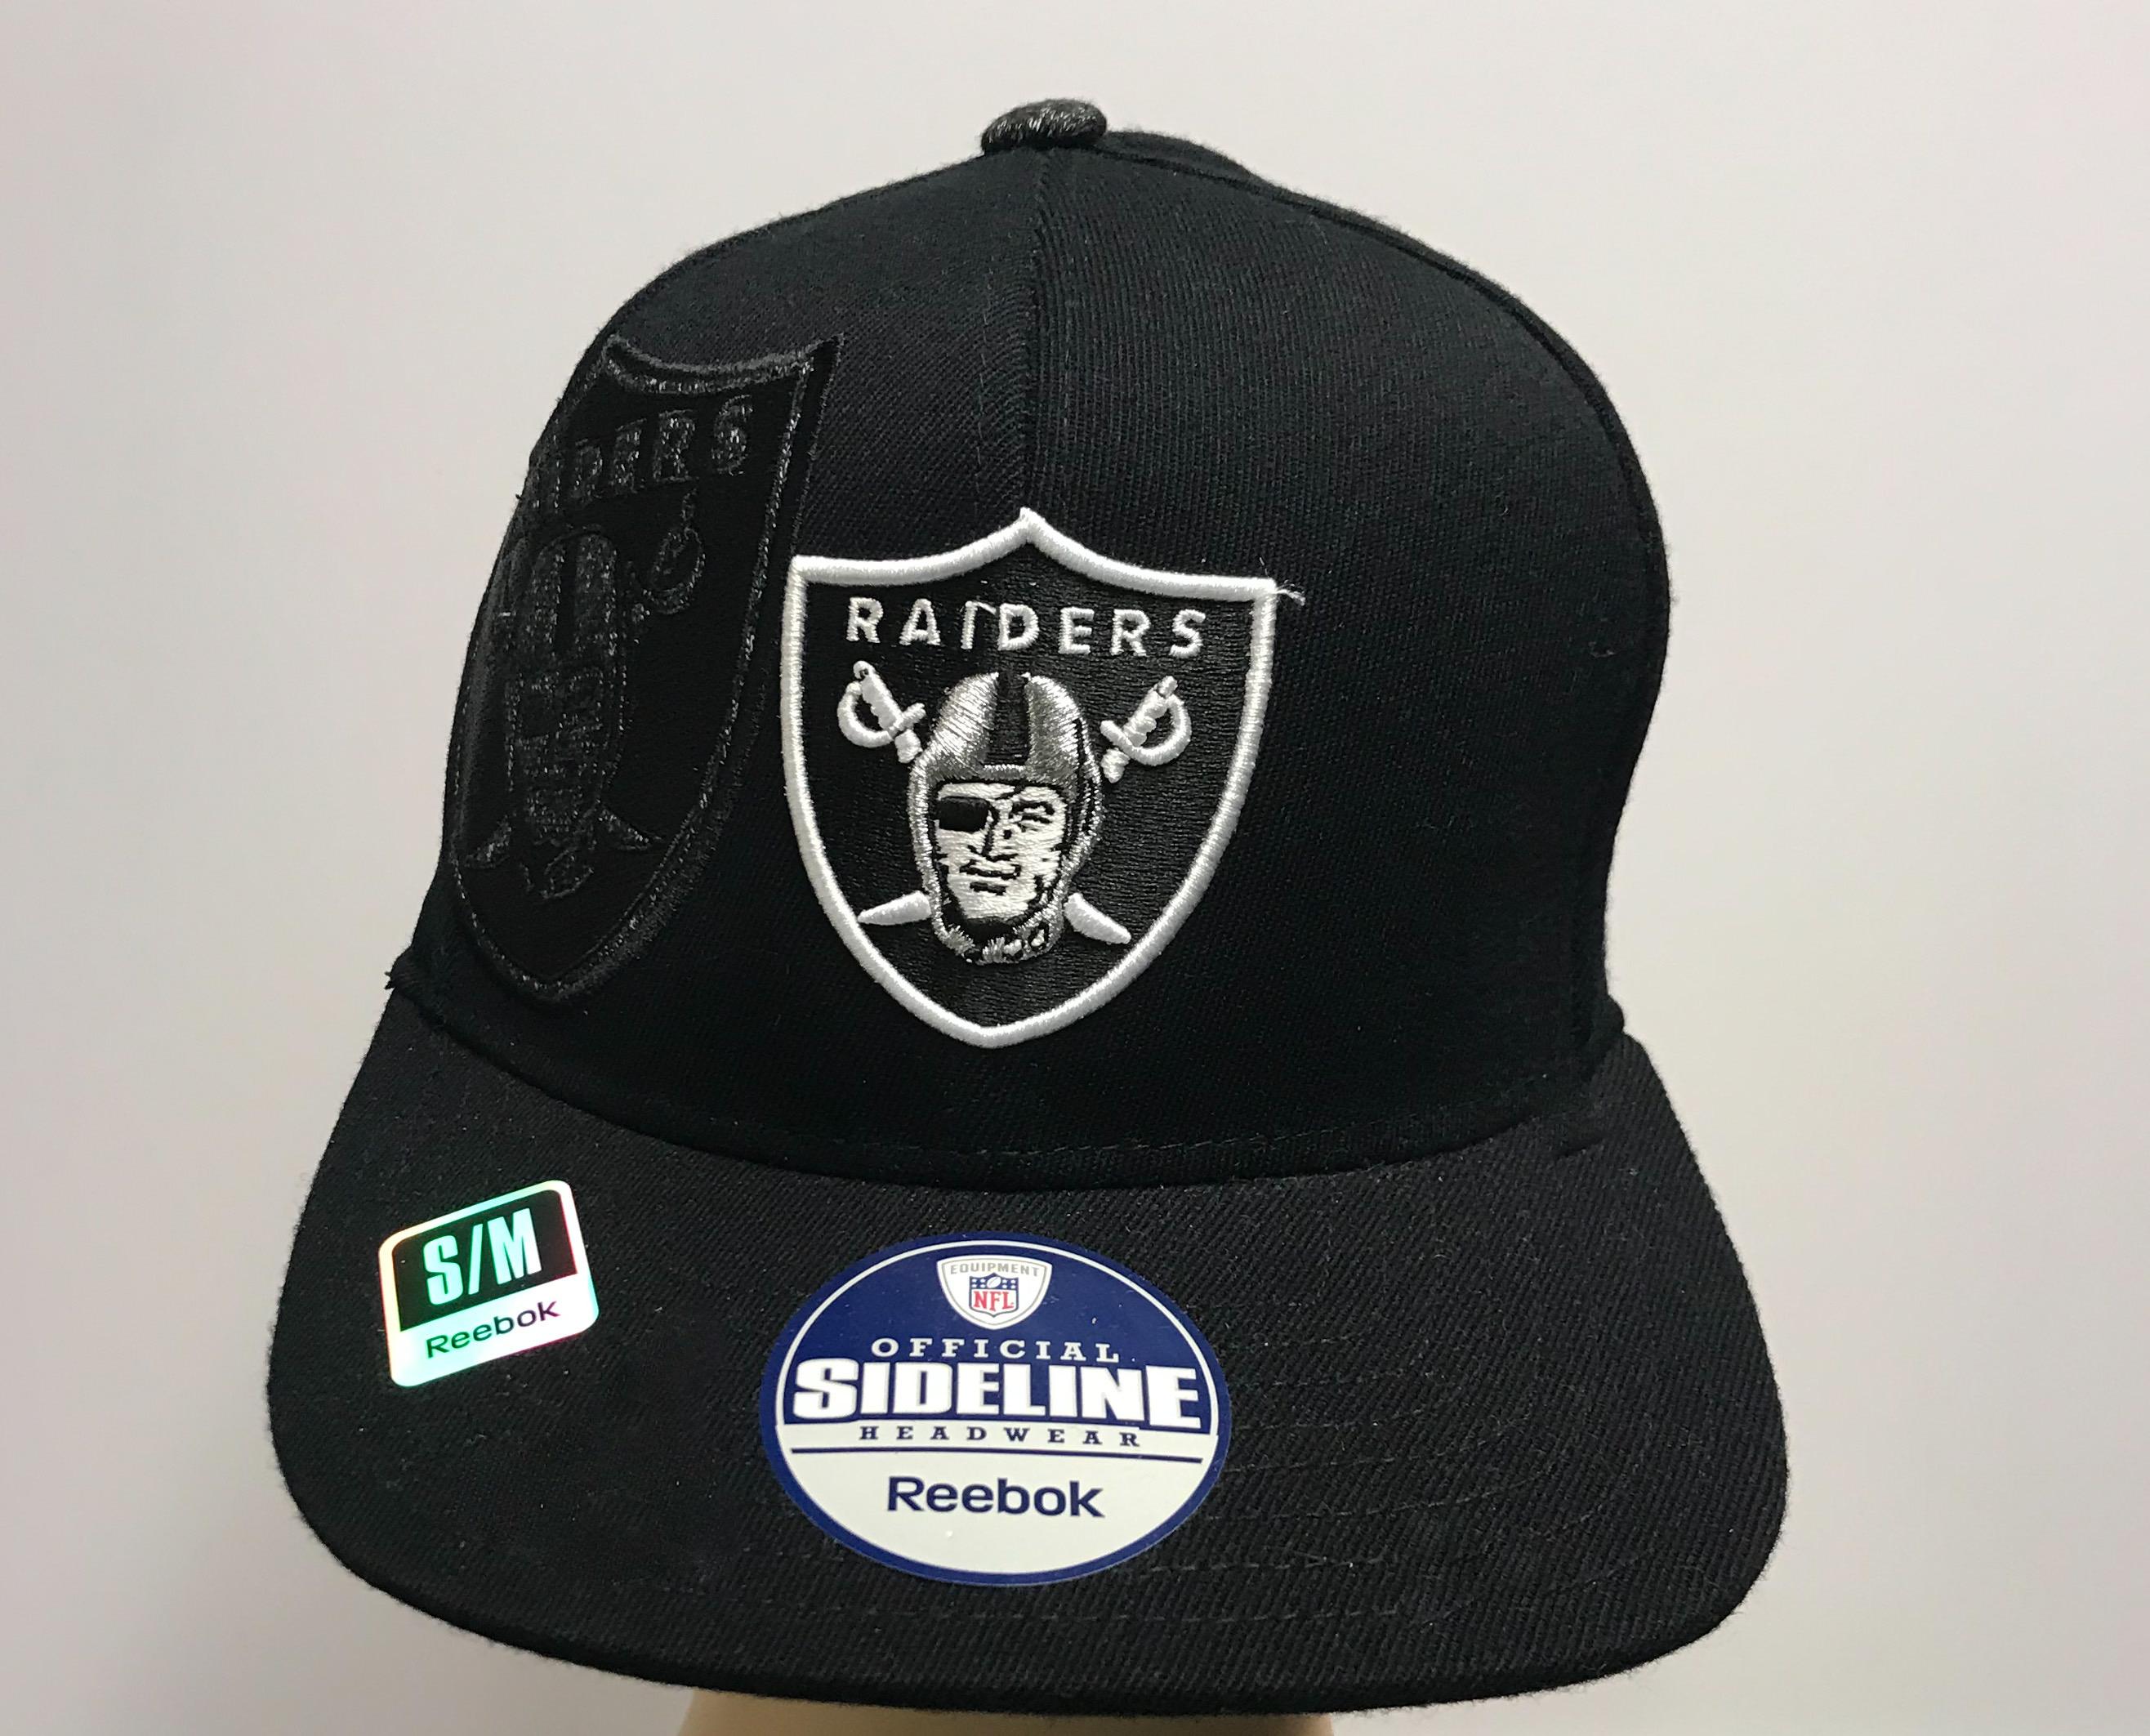 Raiders Sideline Hat By Reebok